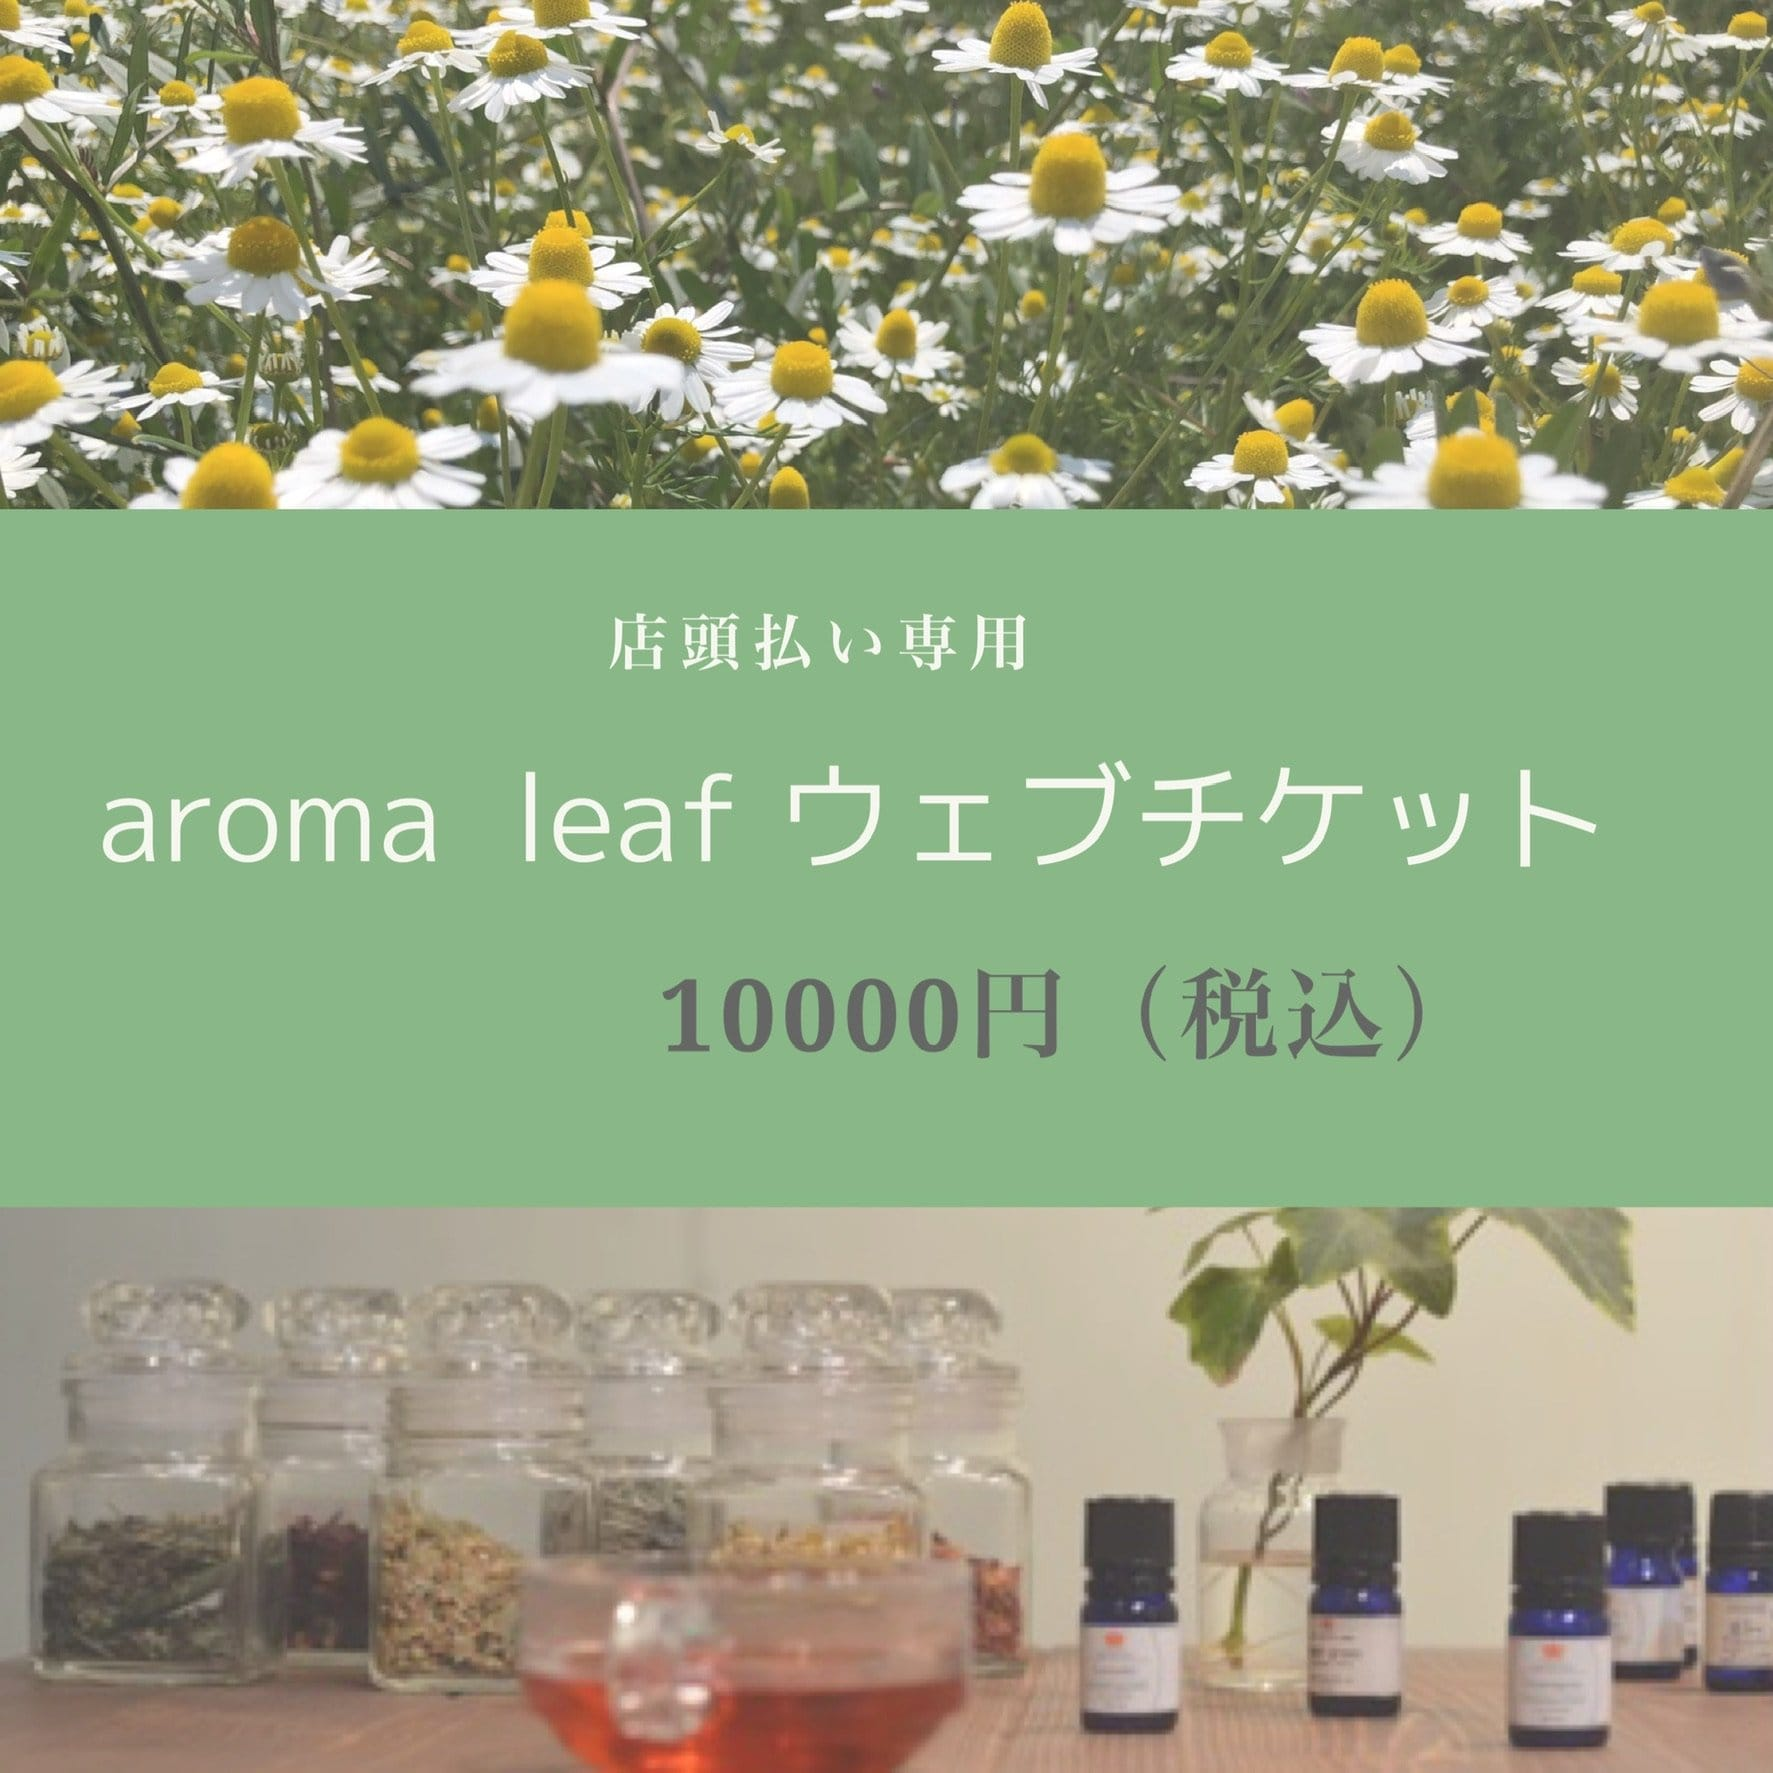 アロマり〜ふ 店頭払い(10000円) ウェブチケットのイメージその1